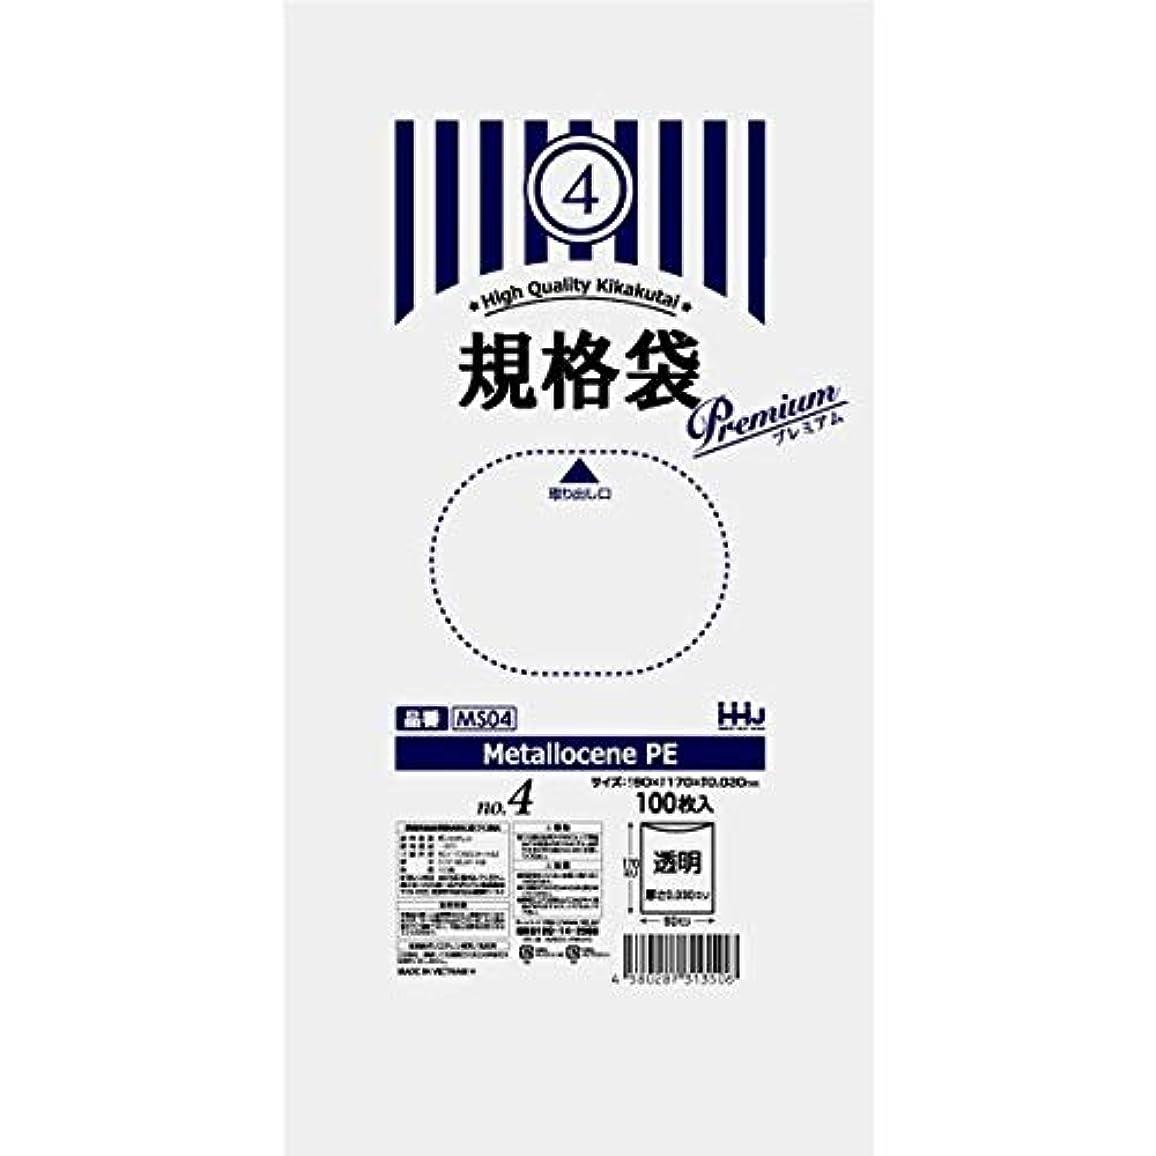 シエスタがっかりする有用ポリ袋 透明 食品検査適合 メタロセン高配合 規格袋4号 90x170mm 20000枚入 MS04